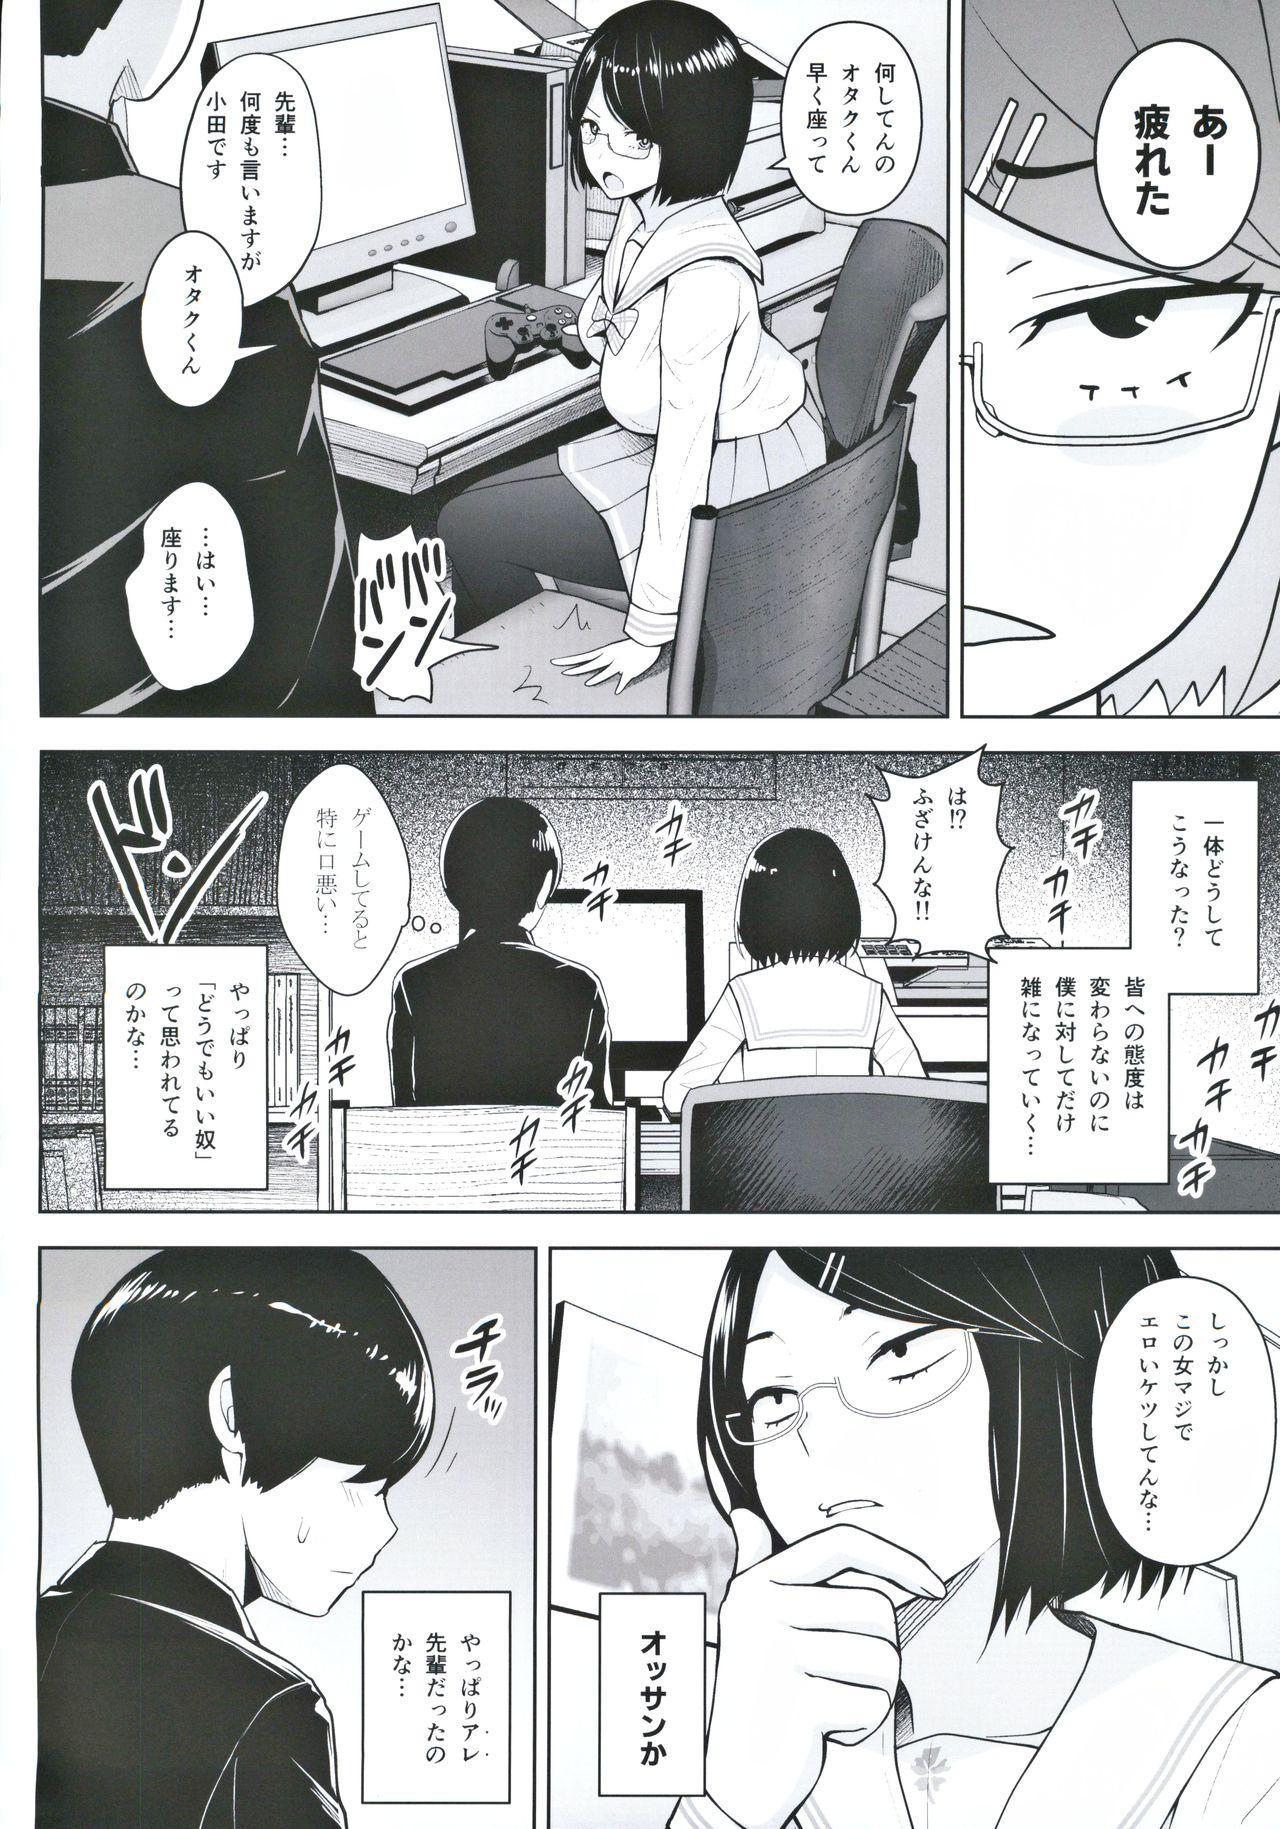 Himitsu no Houkago Satsueikai 2